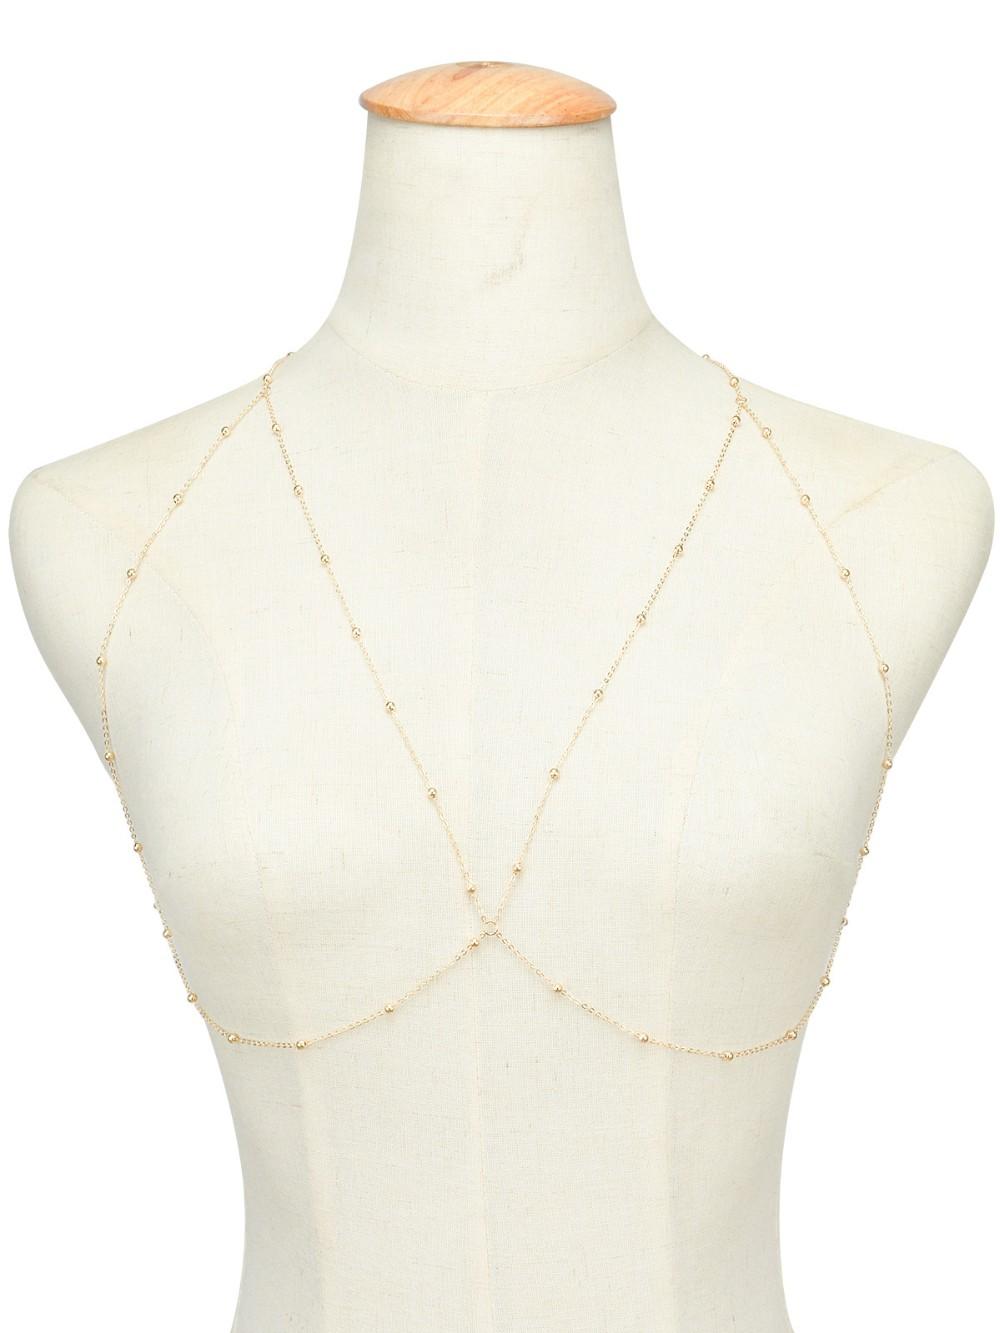 HTB1xzw5OVXXXXa1XXXXq6xXFXXXt Copper Bead Bikini Harness Body Chain For Women - 2 Colors